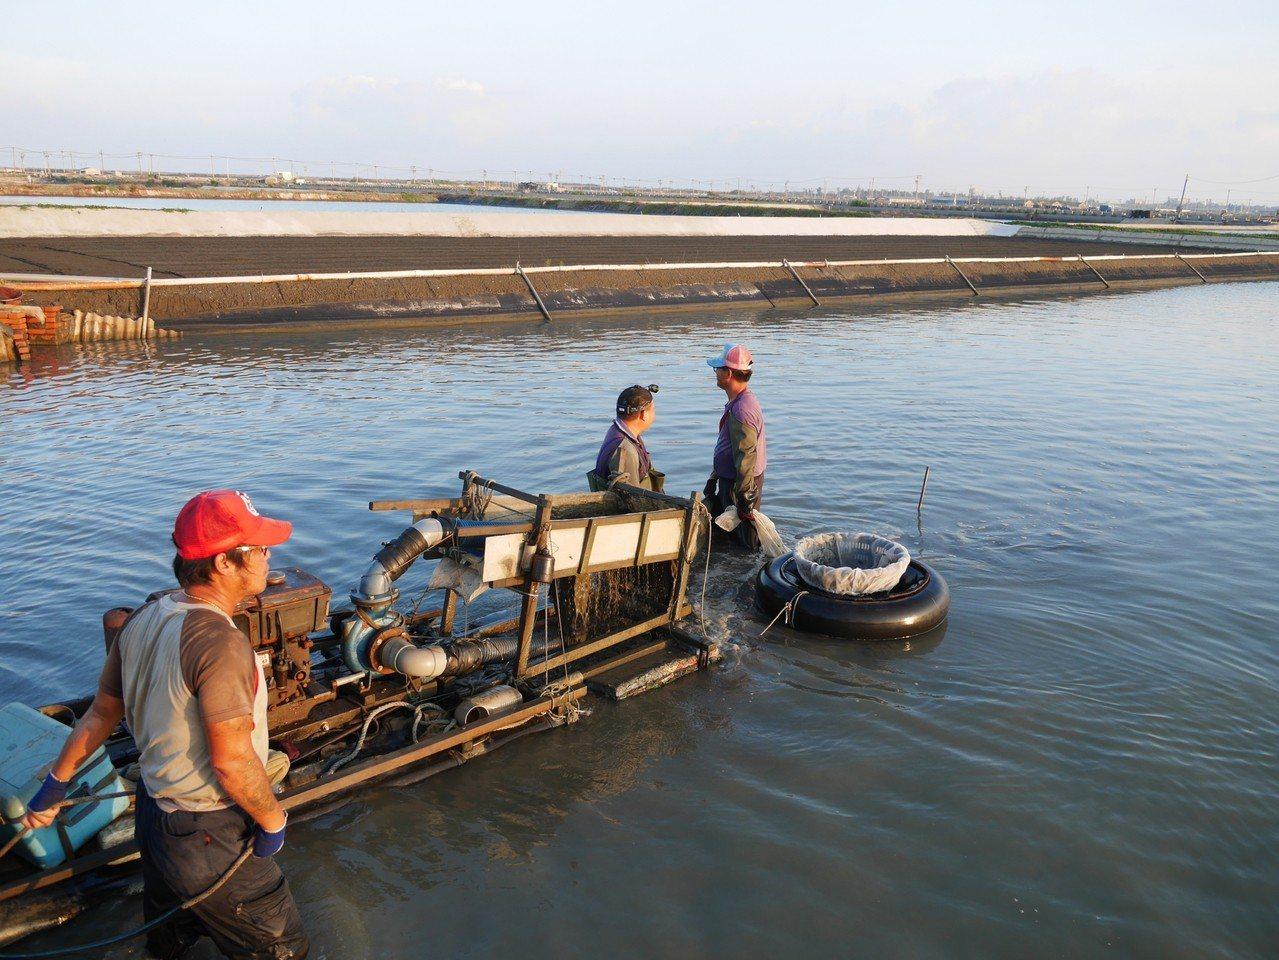 魚塭水質益菌數直接影響文蛤育成率,不少養殖漁民感嘆越來越難養。 甲宸生技/提供